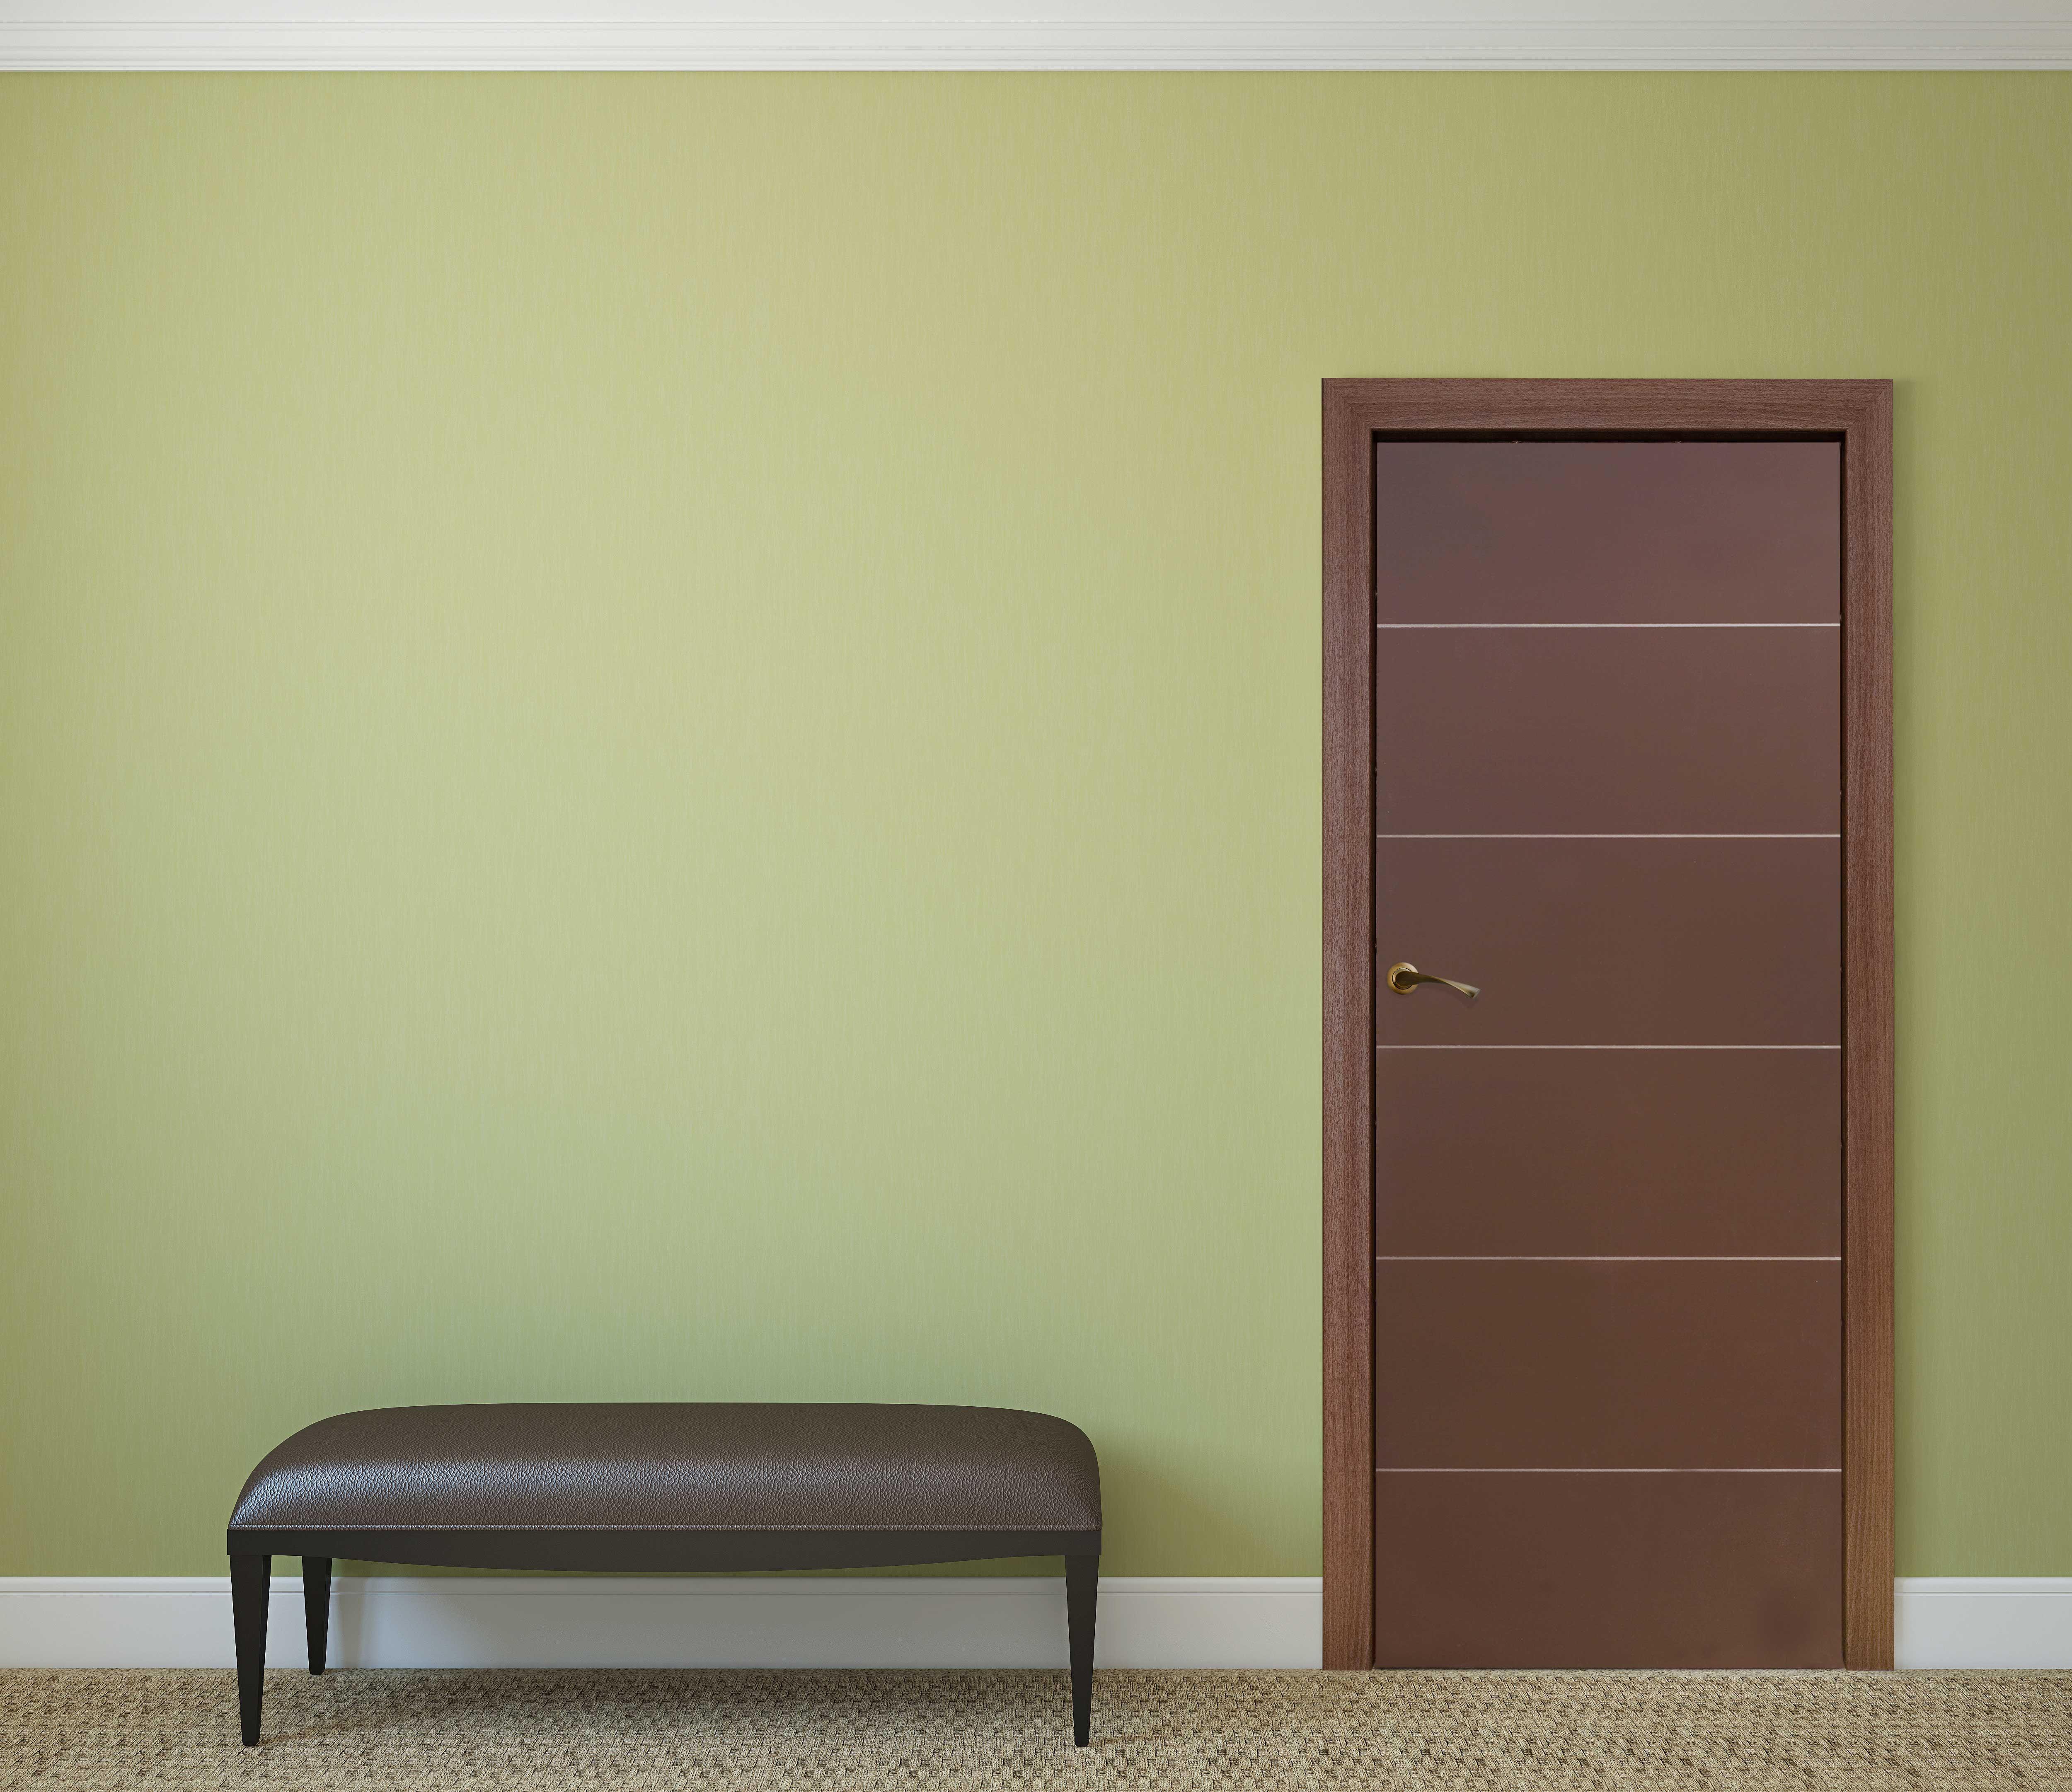 Puerta para interiores Lucero. Color chocolate, acabado brillante. Medidas:  70x213cms.   Colores para recamaras, Puerta para interior, Decoración de  unas